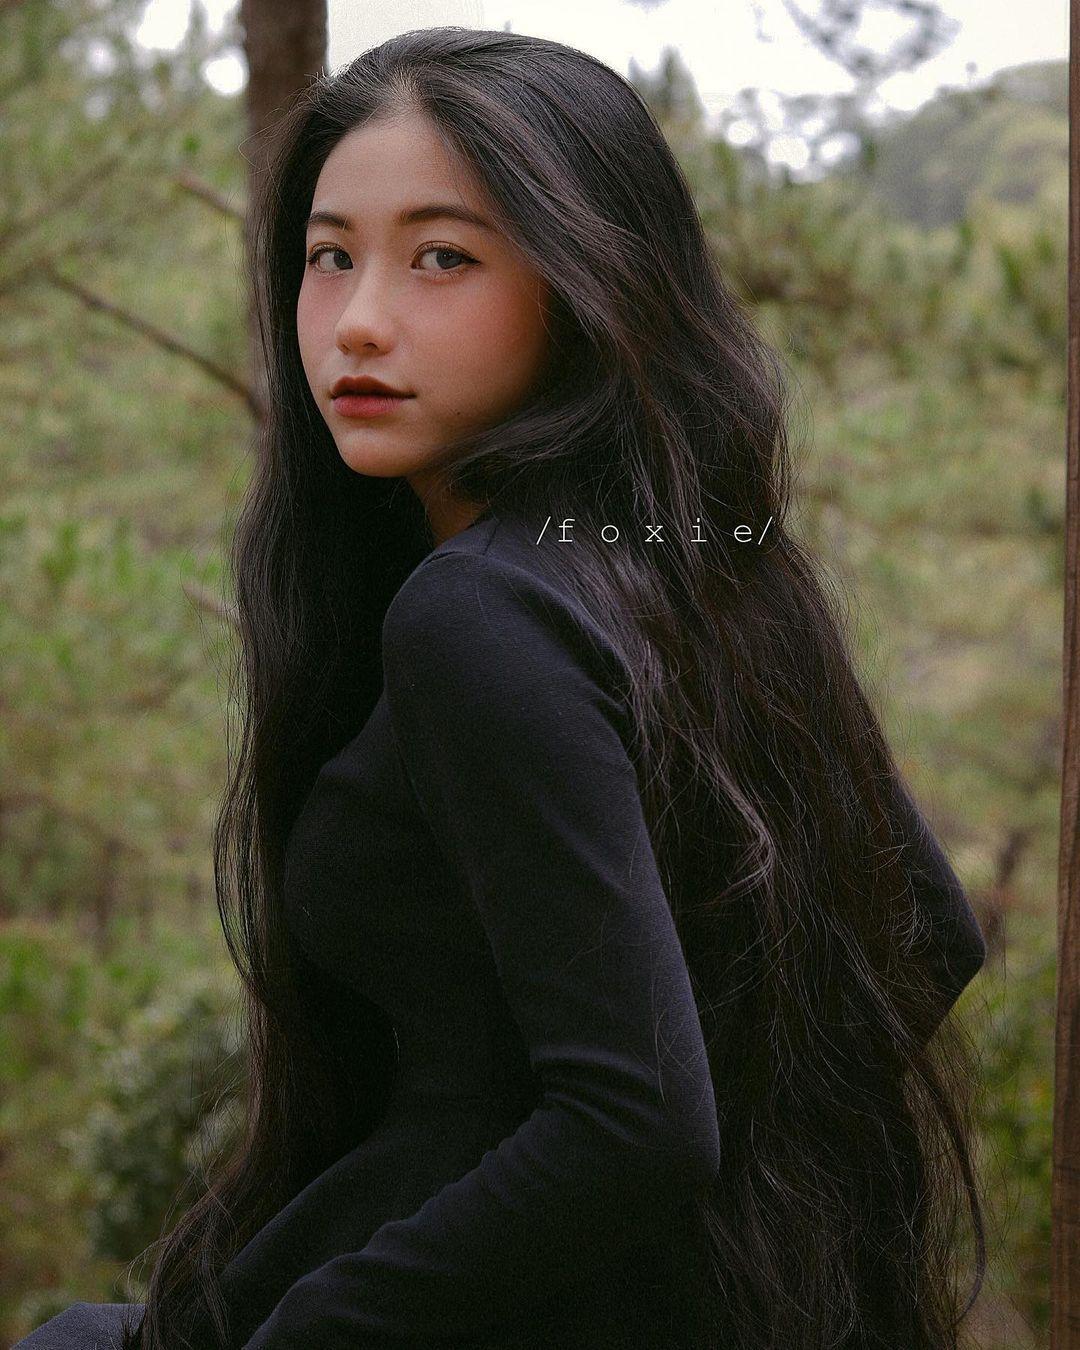 天菜越南妹「Kim Anh」迷蒙眼神仿佛随时在放电空灵气质更是无比疗愈人心 养眼图片 第7张